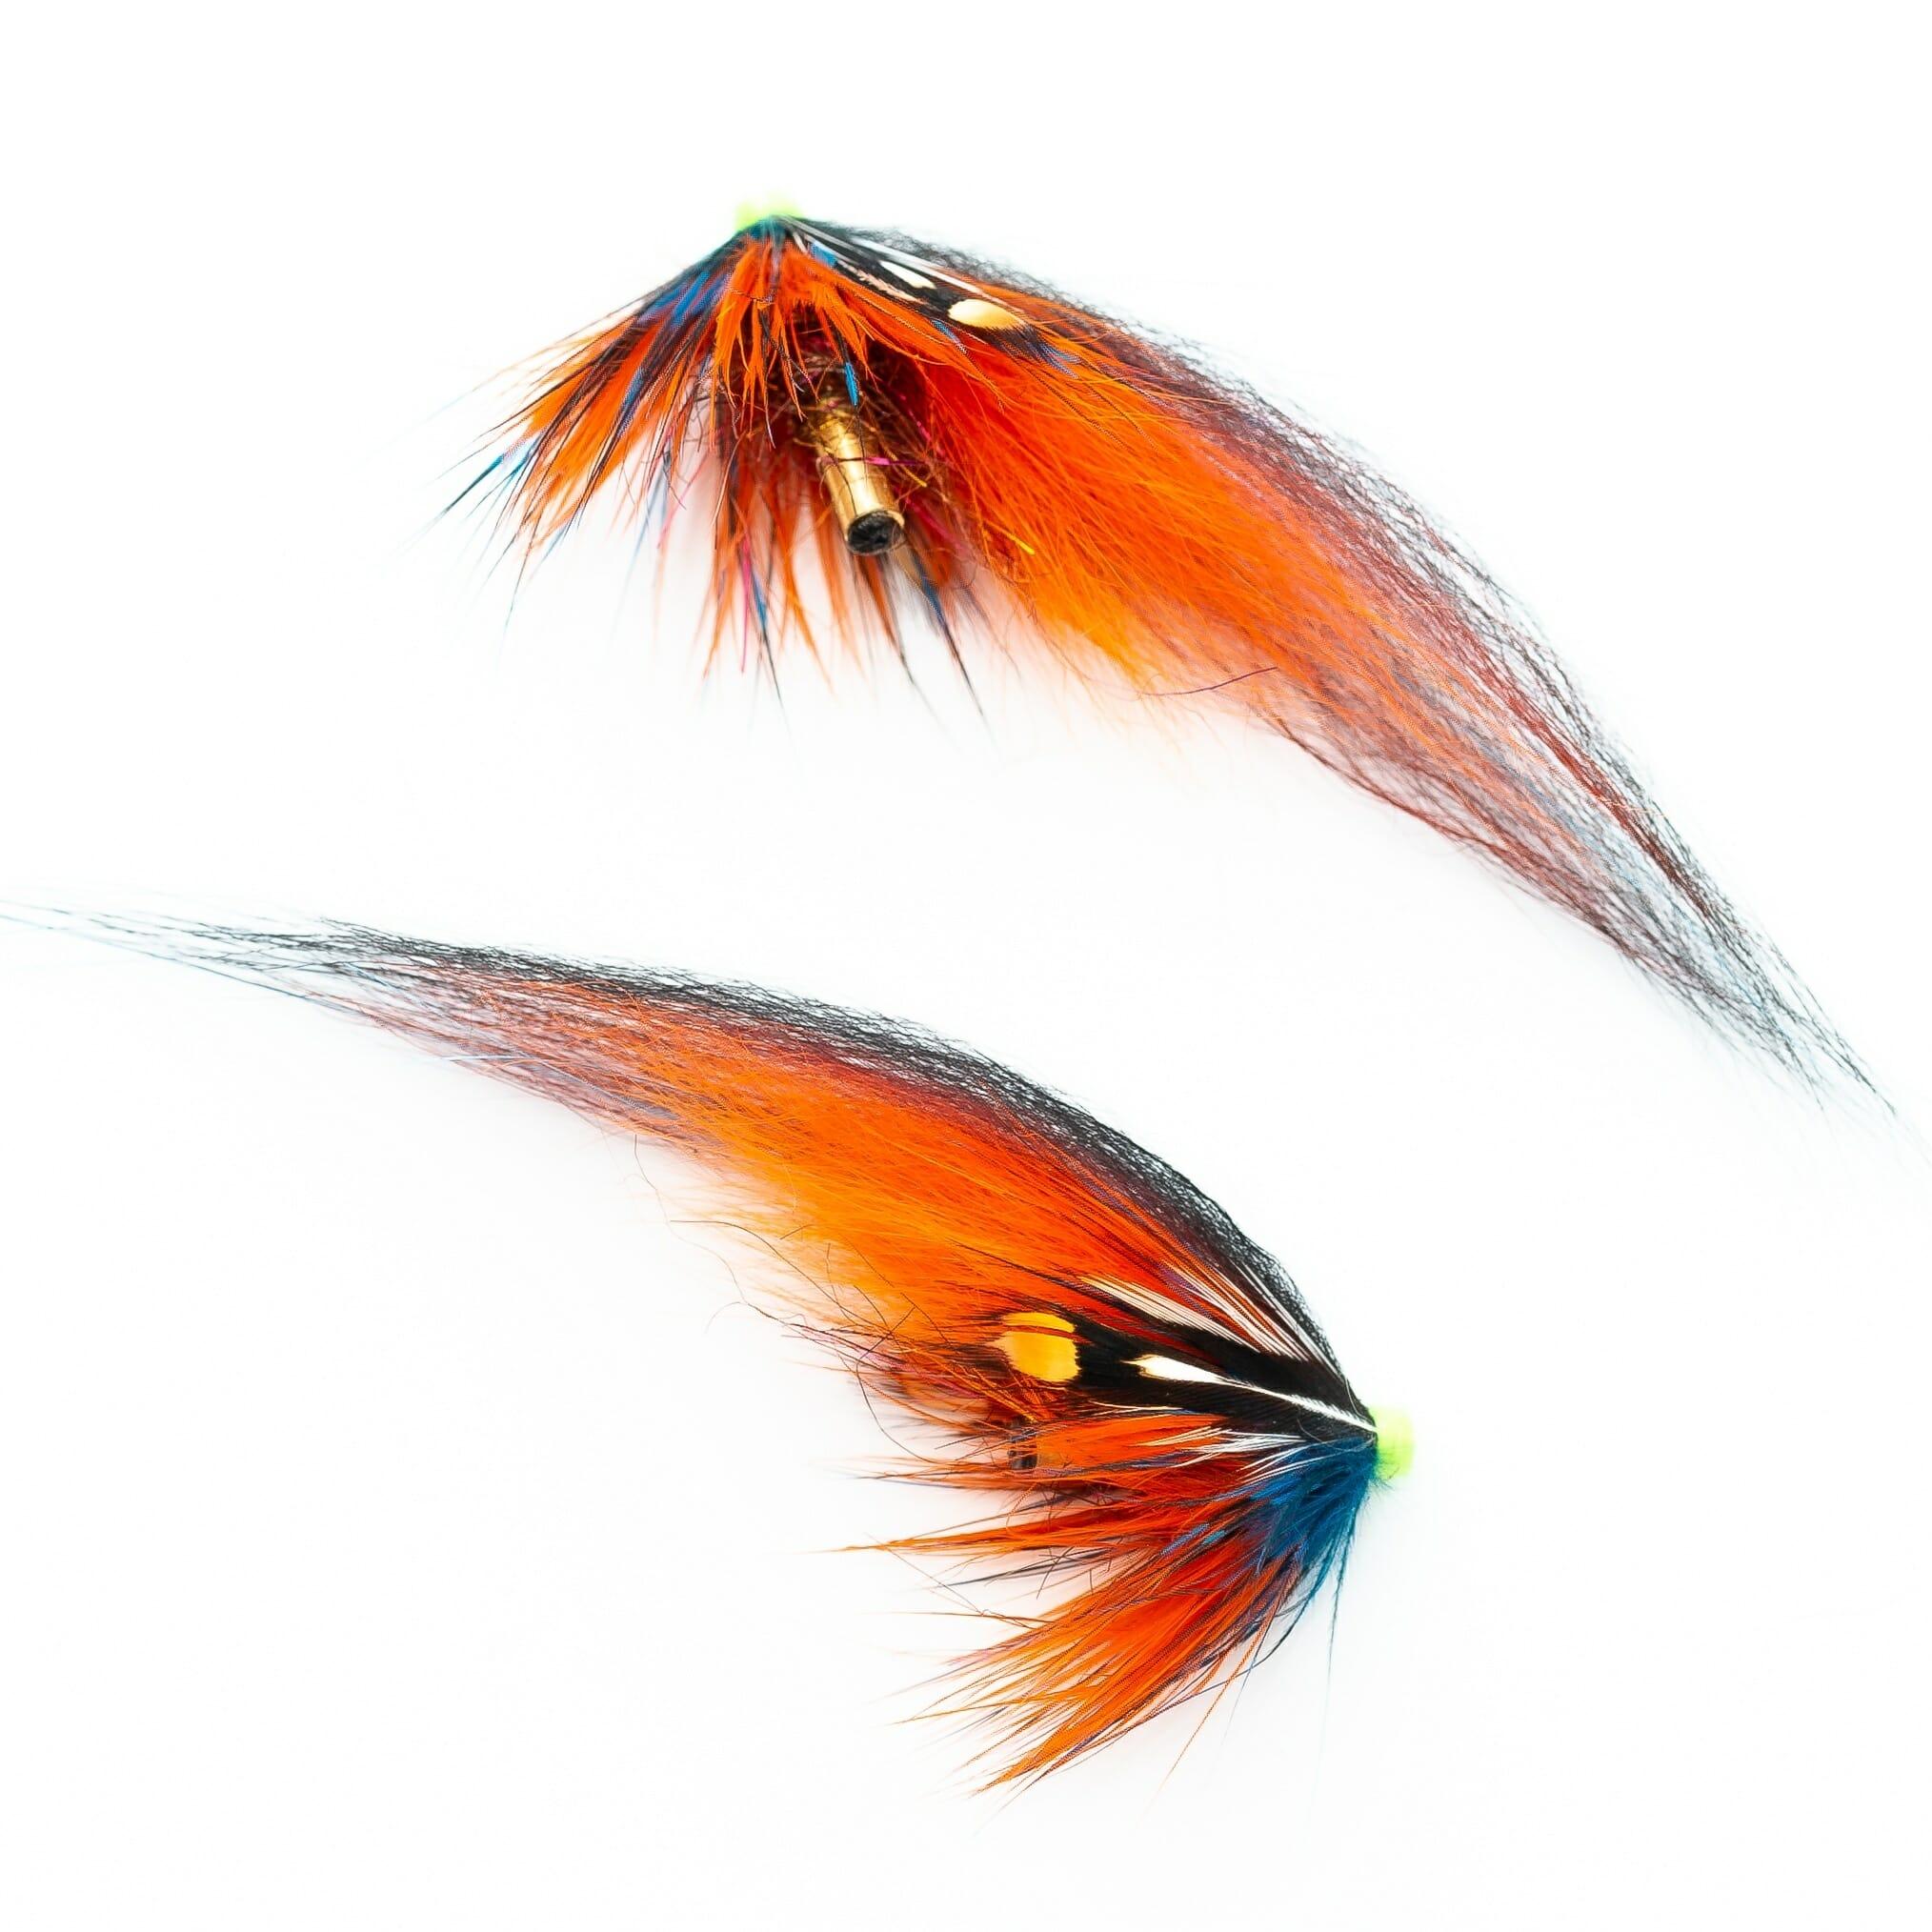 två laxfugor i mönster 'thunder & lightning' på tub med hårvinge i färgerna orange, blå, brunt och svart